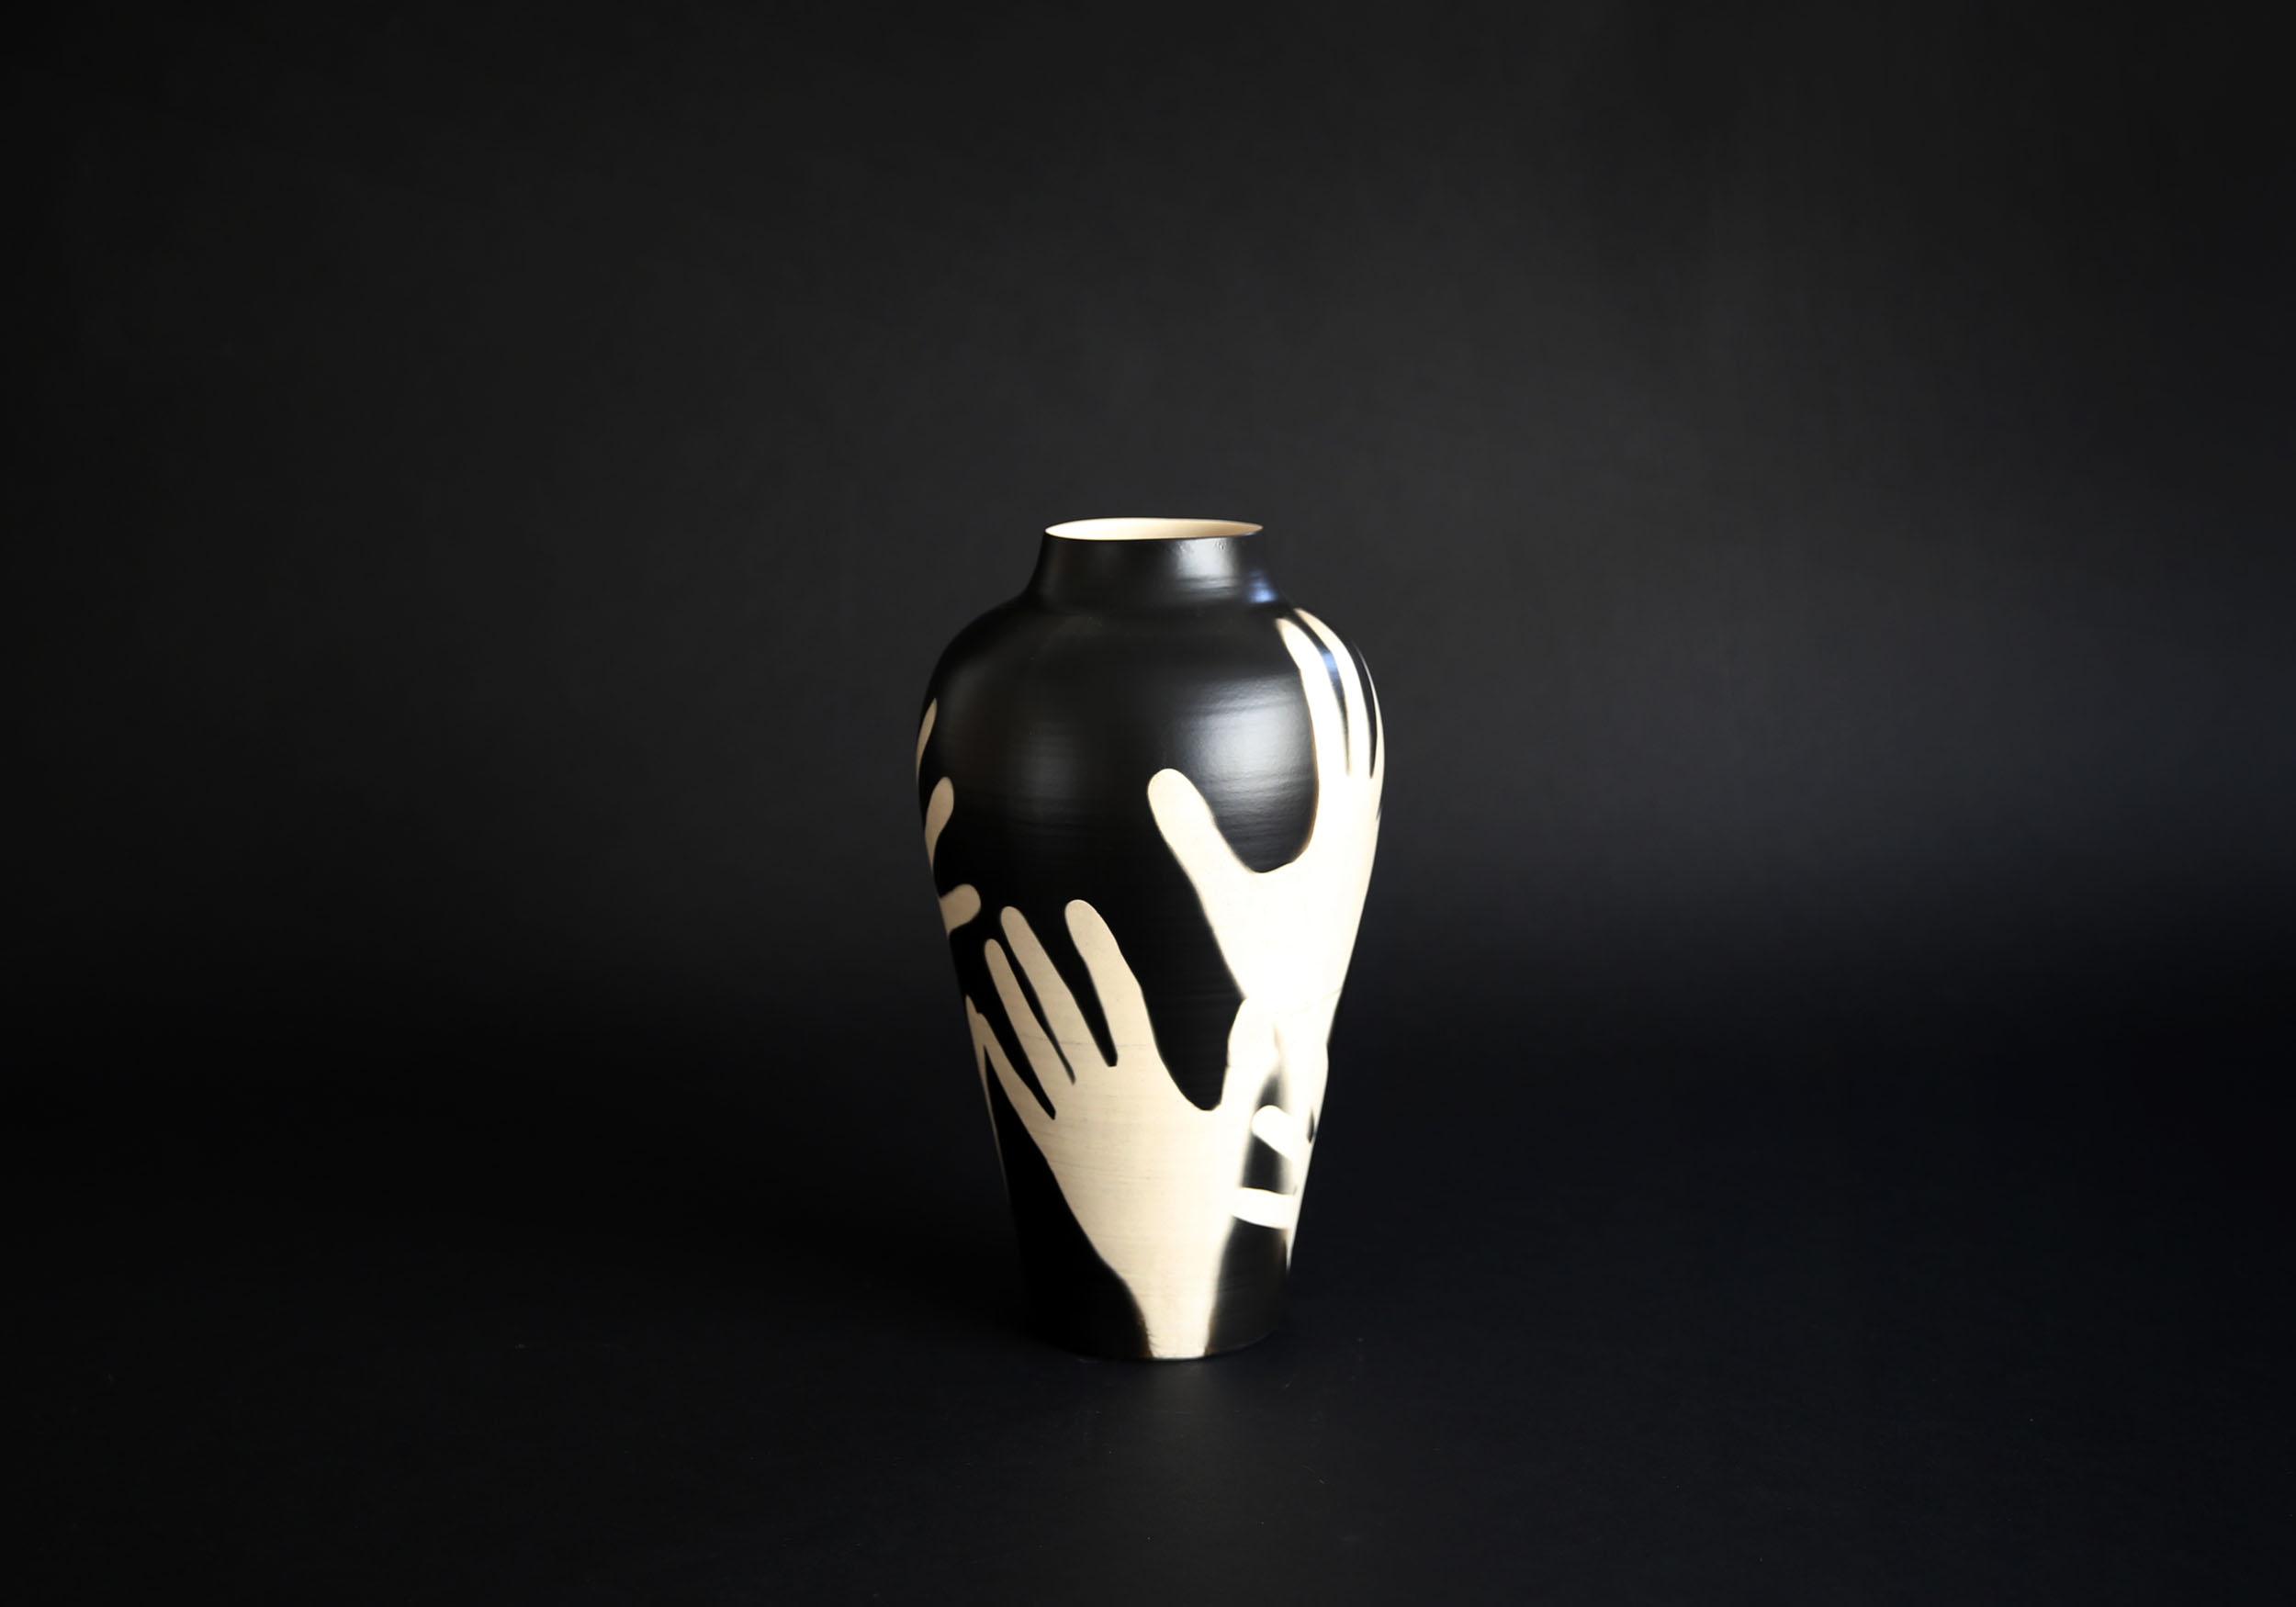 A Hold Me vase depicting hands